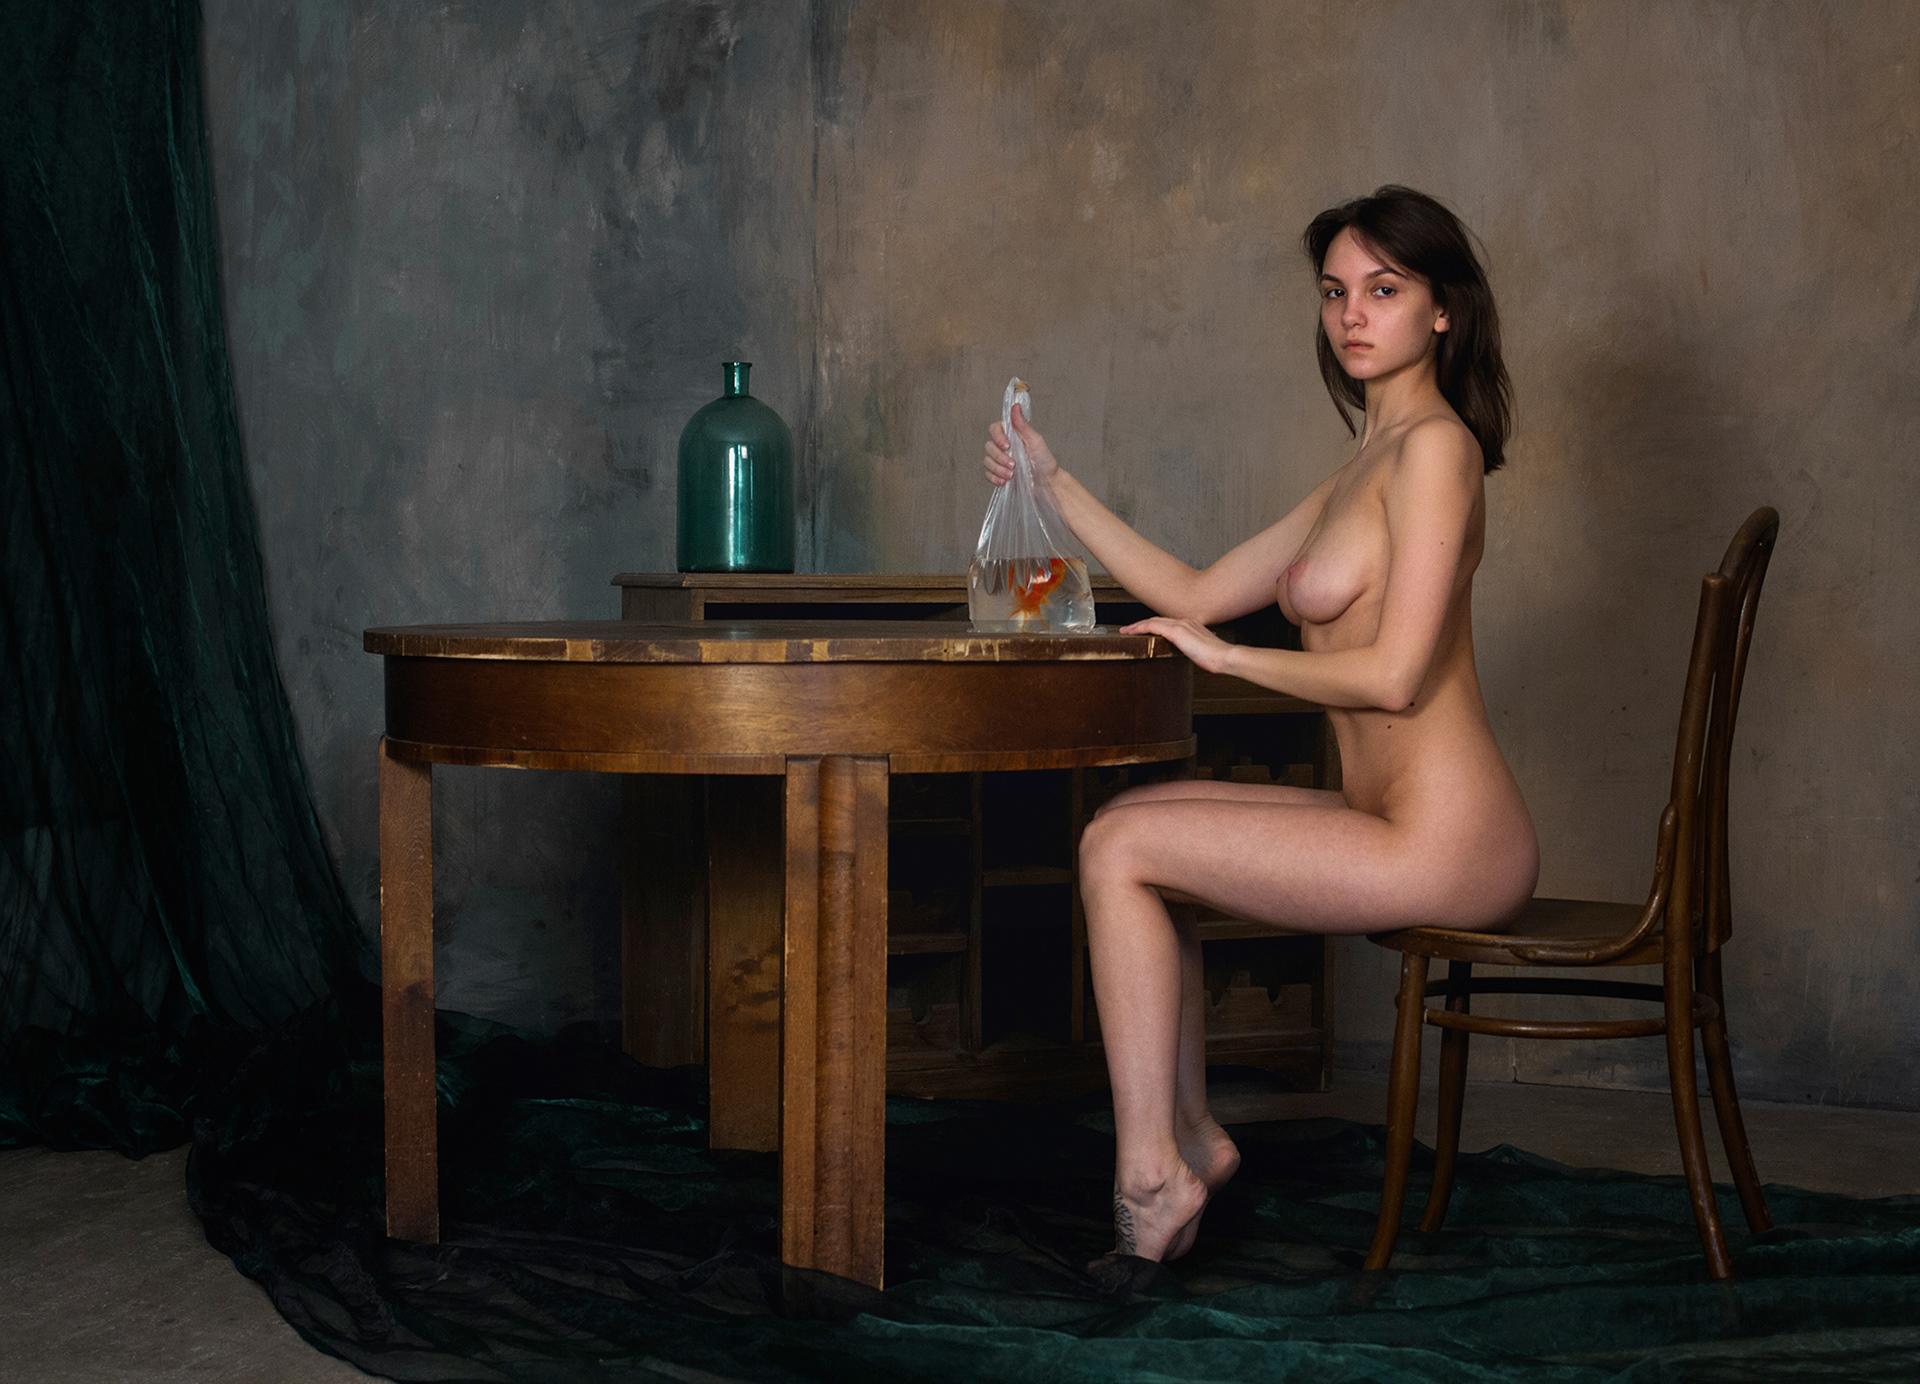 Nude with golden fish - Мария Демина и золотая рыбка / фотограф Родислав Дрибен